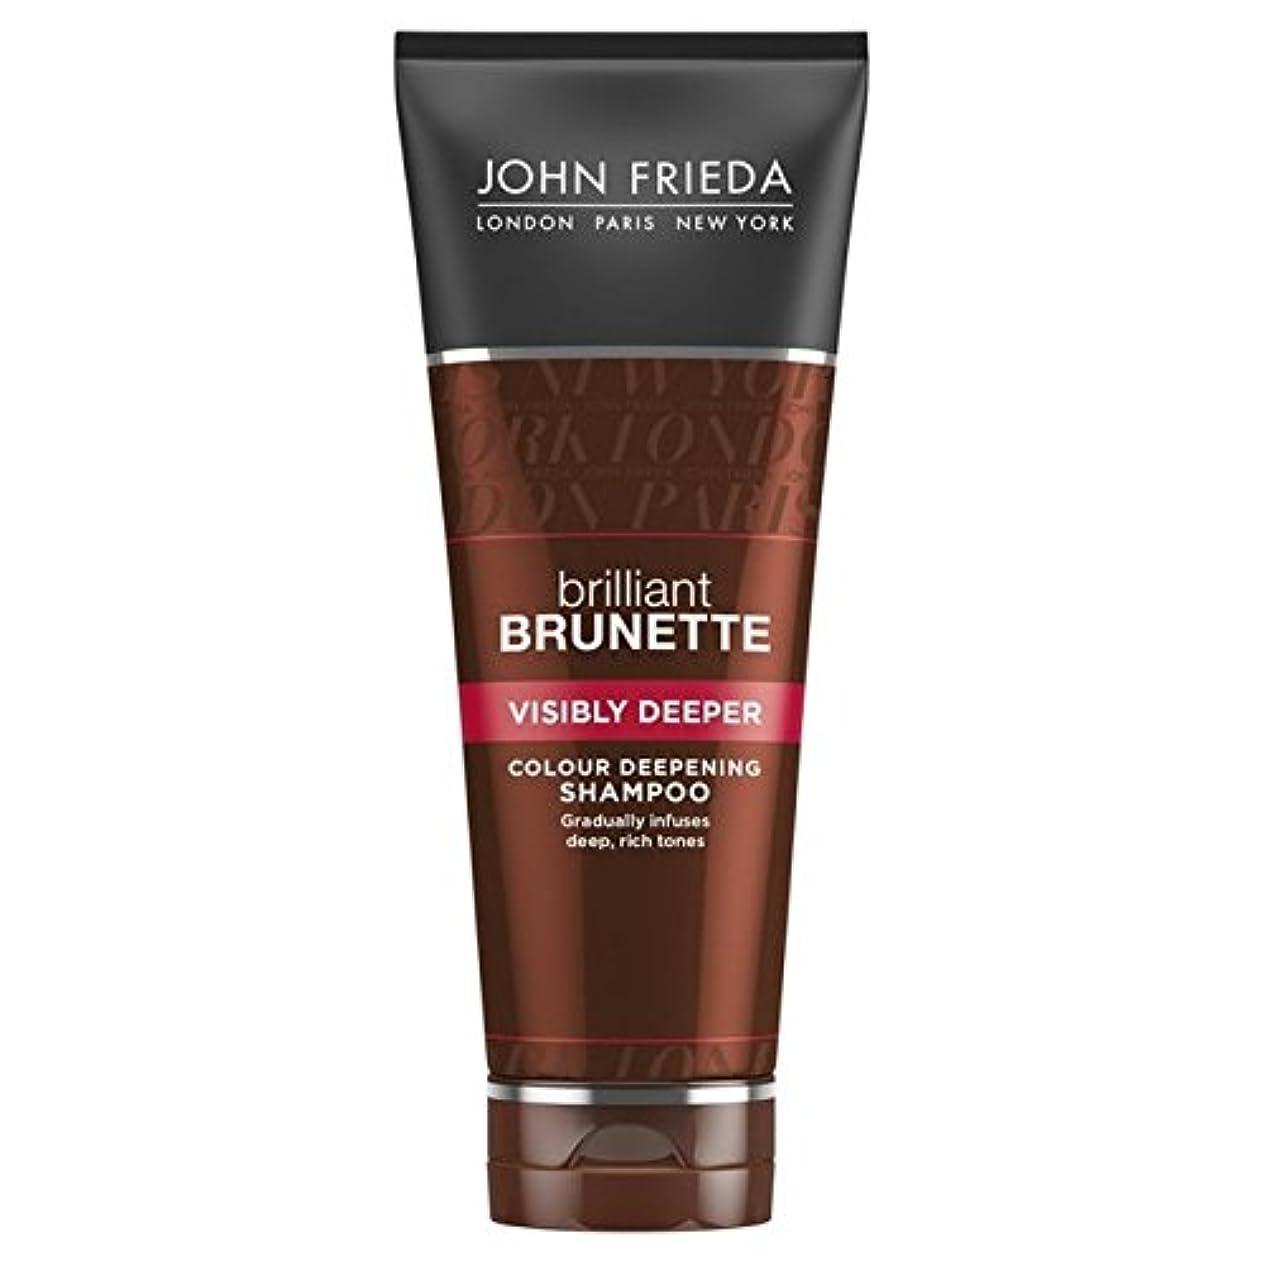 スリーブ化学薬品パリティJohn Frieda Brilliant Brunette Visibly Deeper Shampoo 250ml - ジョン?フリーダ華麗なブルネット目に見えてより深いシャンプー250 [並行輸入品]